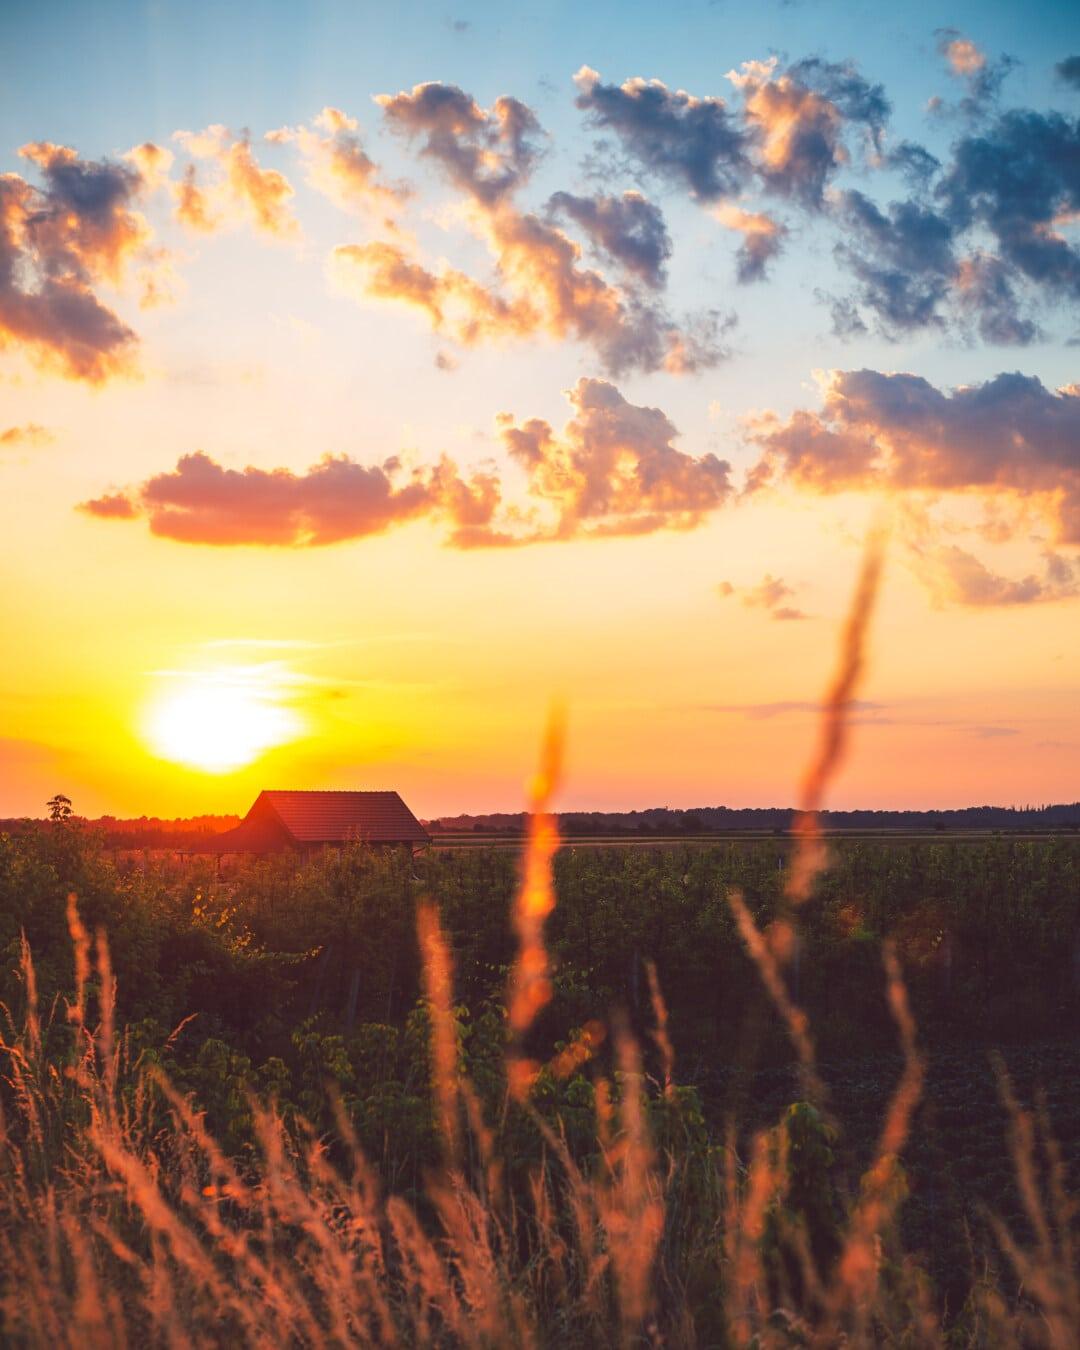 coucher de soleil, les terres agricoles, ferme, verger, lever du soleil, soleil, paysage, aube, soirée, beau temps